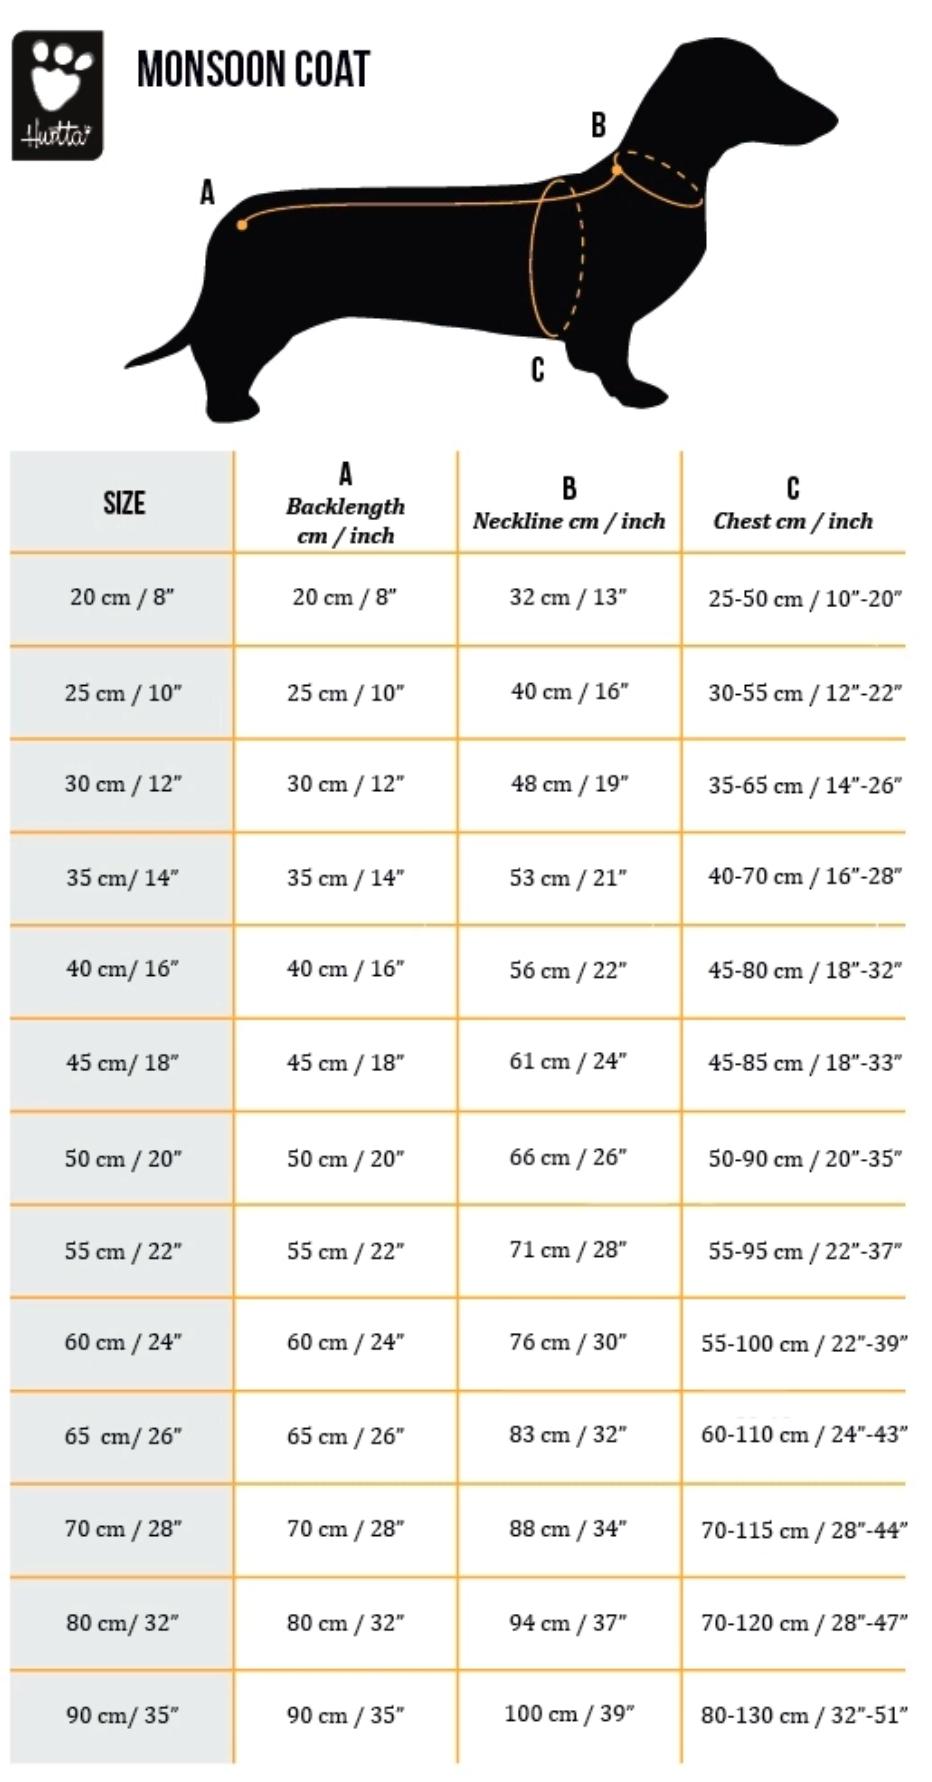 Monsoon Coat Sizes